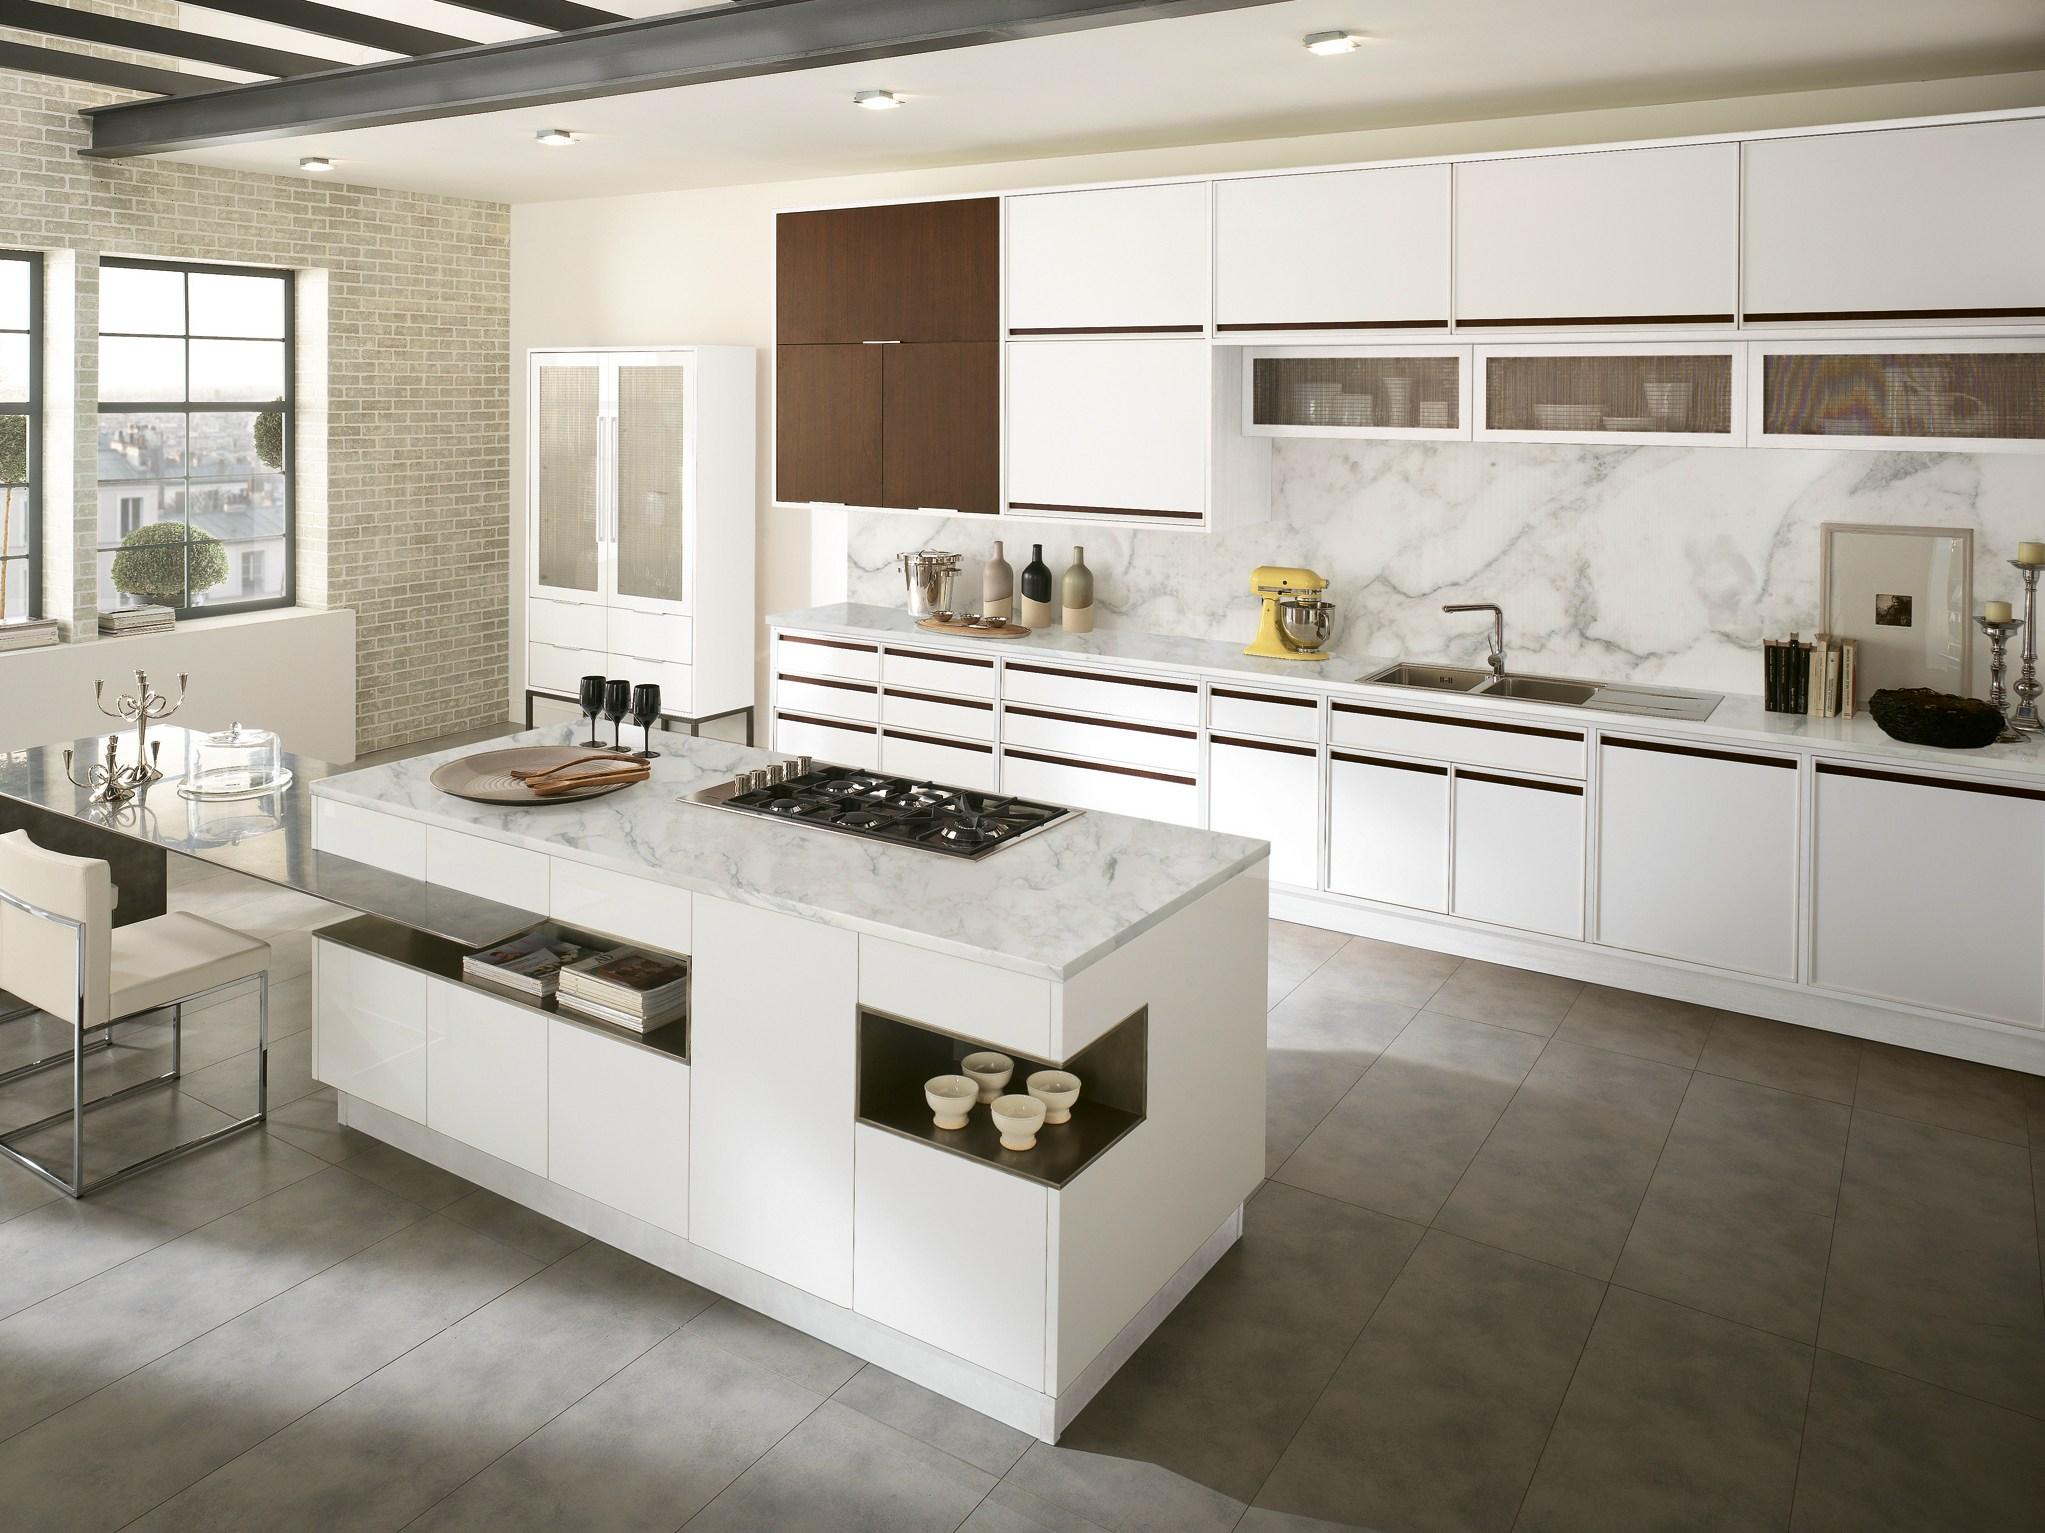 Modelo De Cozinha Com J Cozinha Com Ilha Mesmo Modelo De